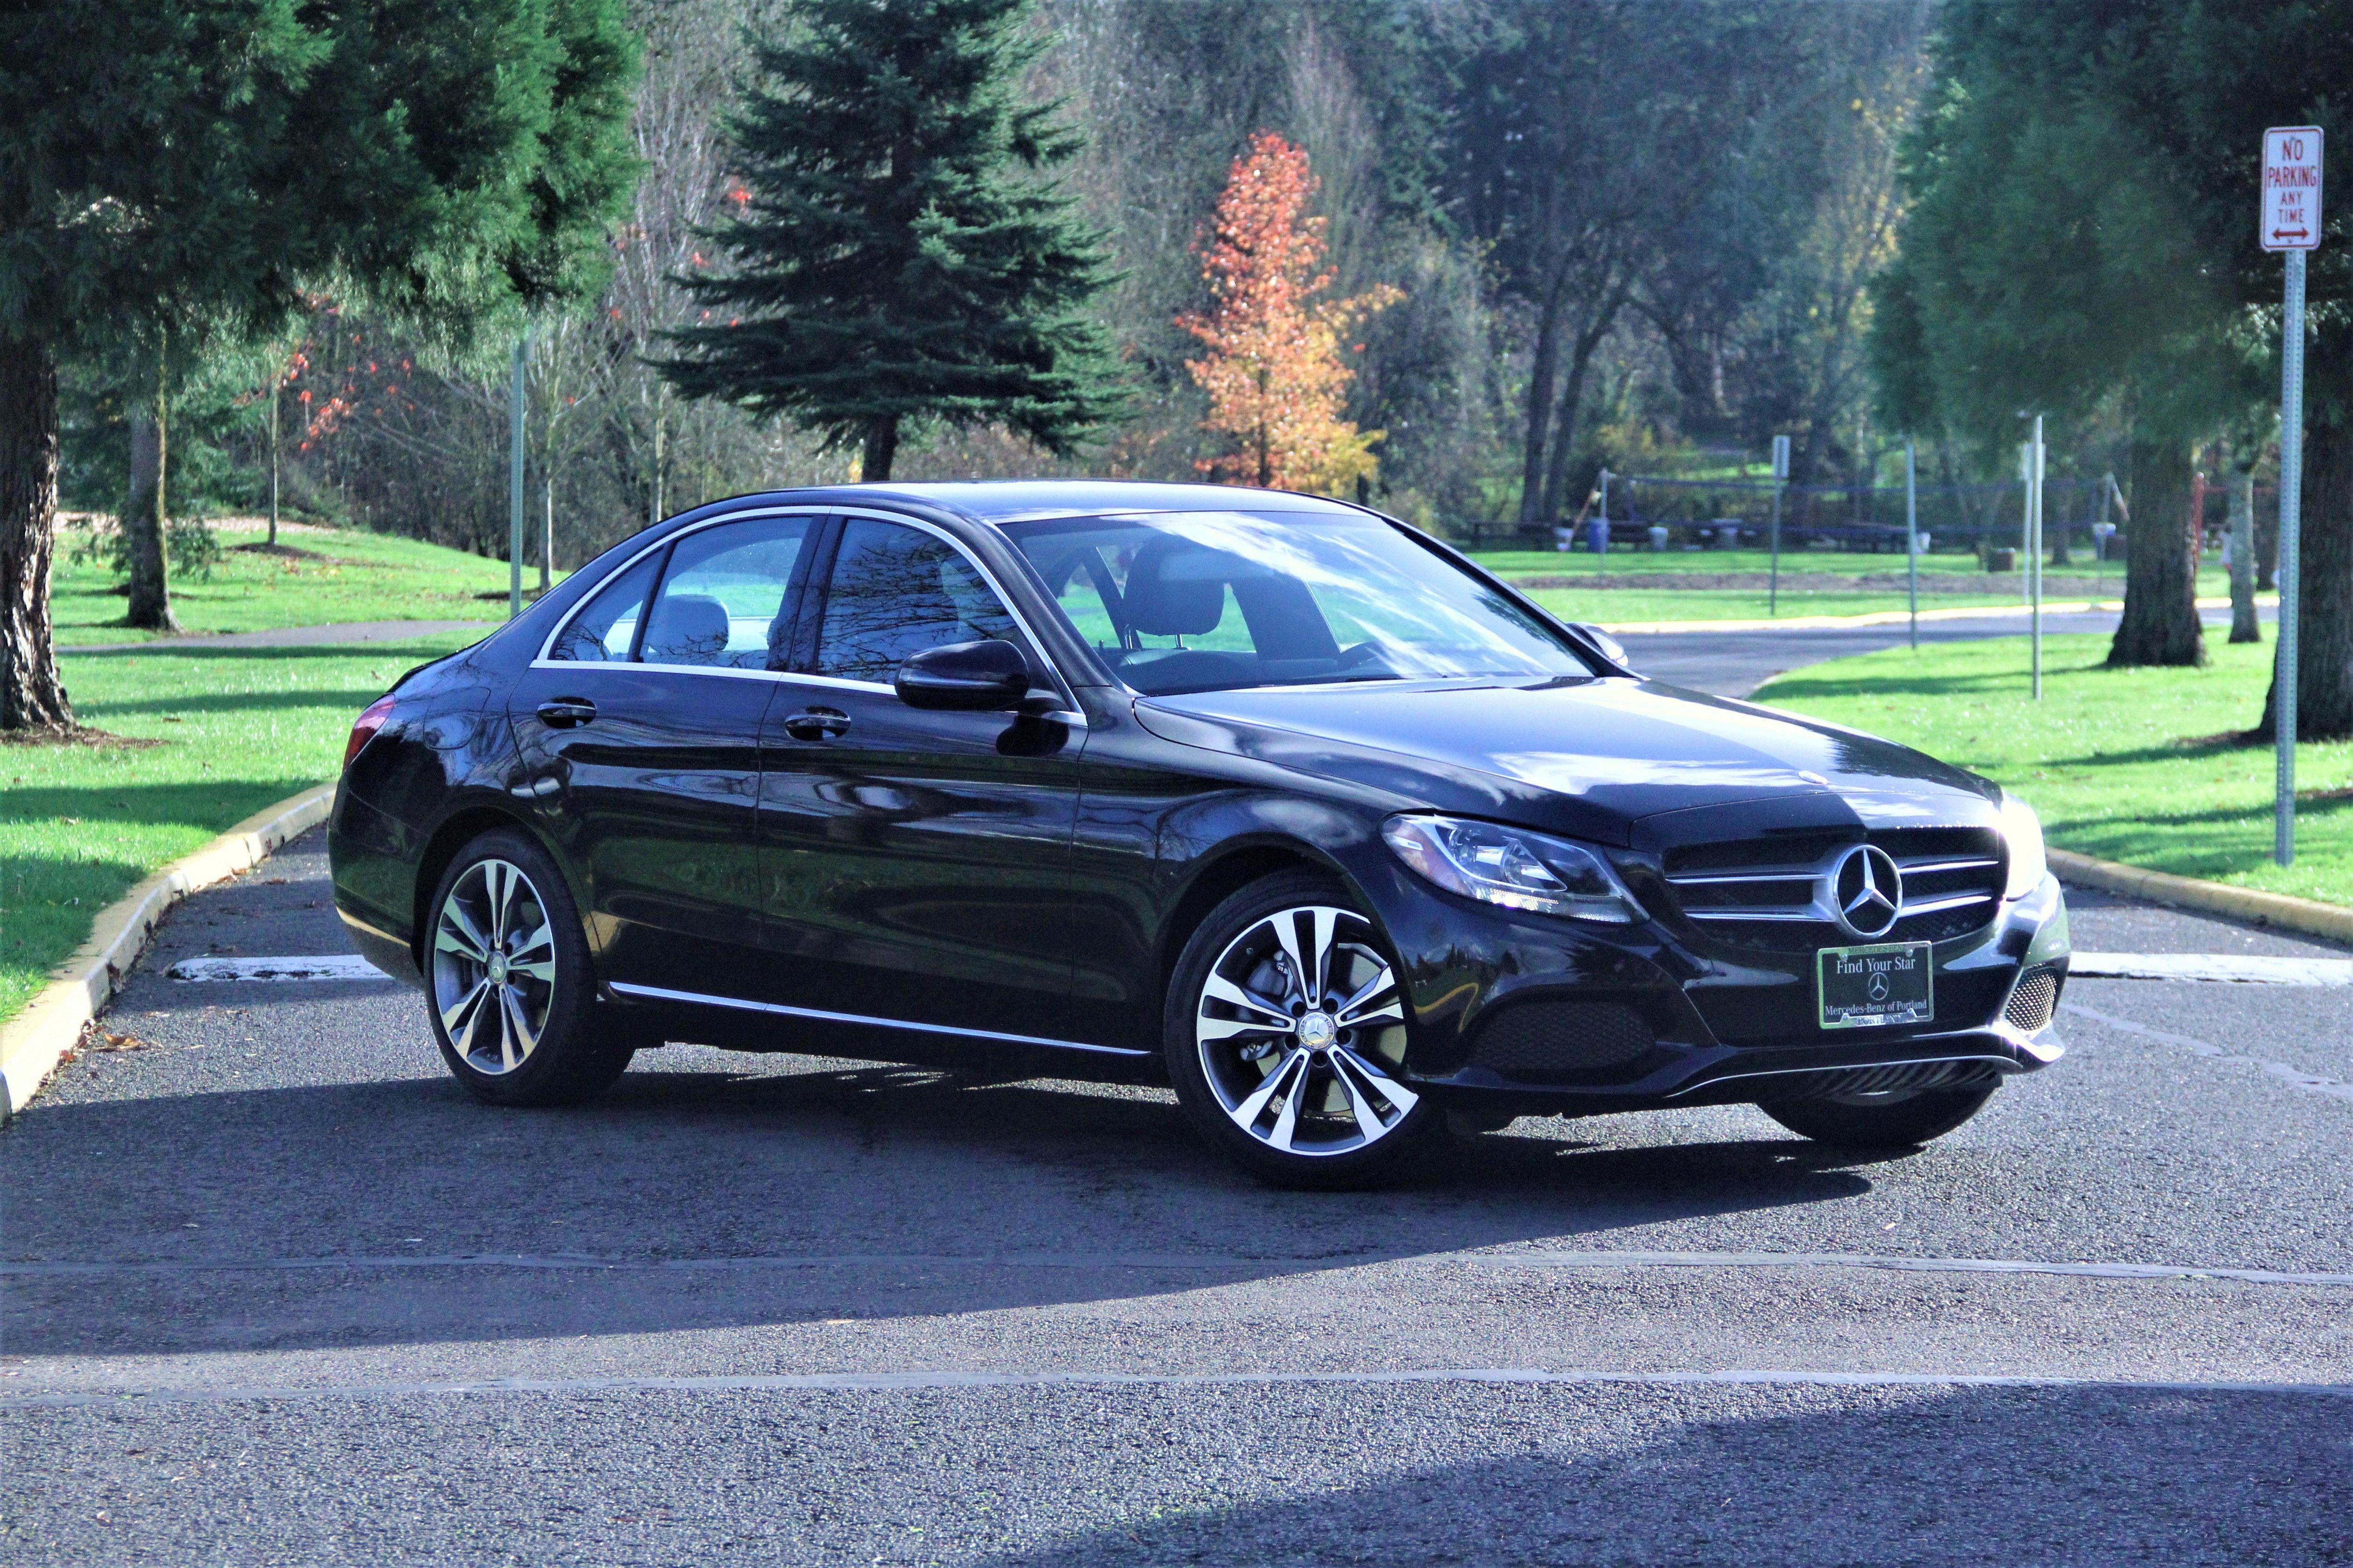 Get 25 Credit For Portland Car Rental 2016 Mercedes Benz C300 Http Autopartstore Pro Mercedes Benz C300 Portland Oregon Travel Mercedes Benz